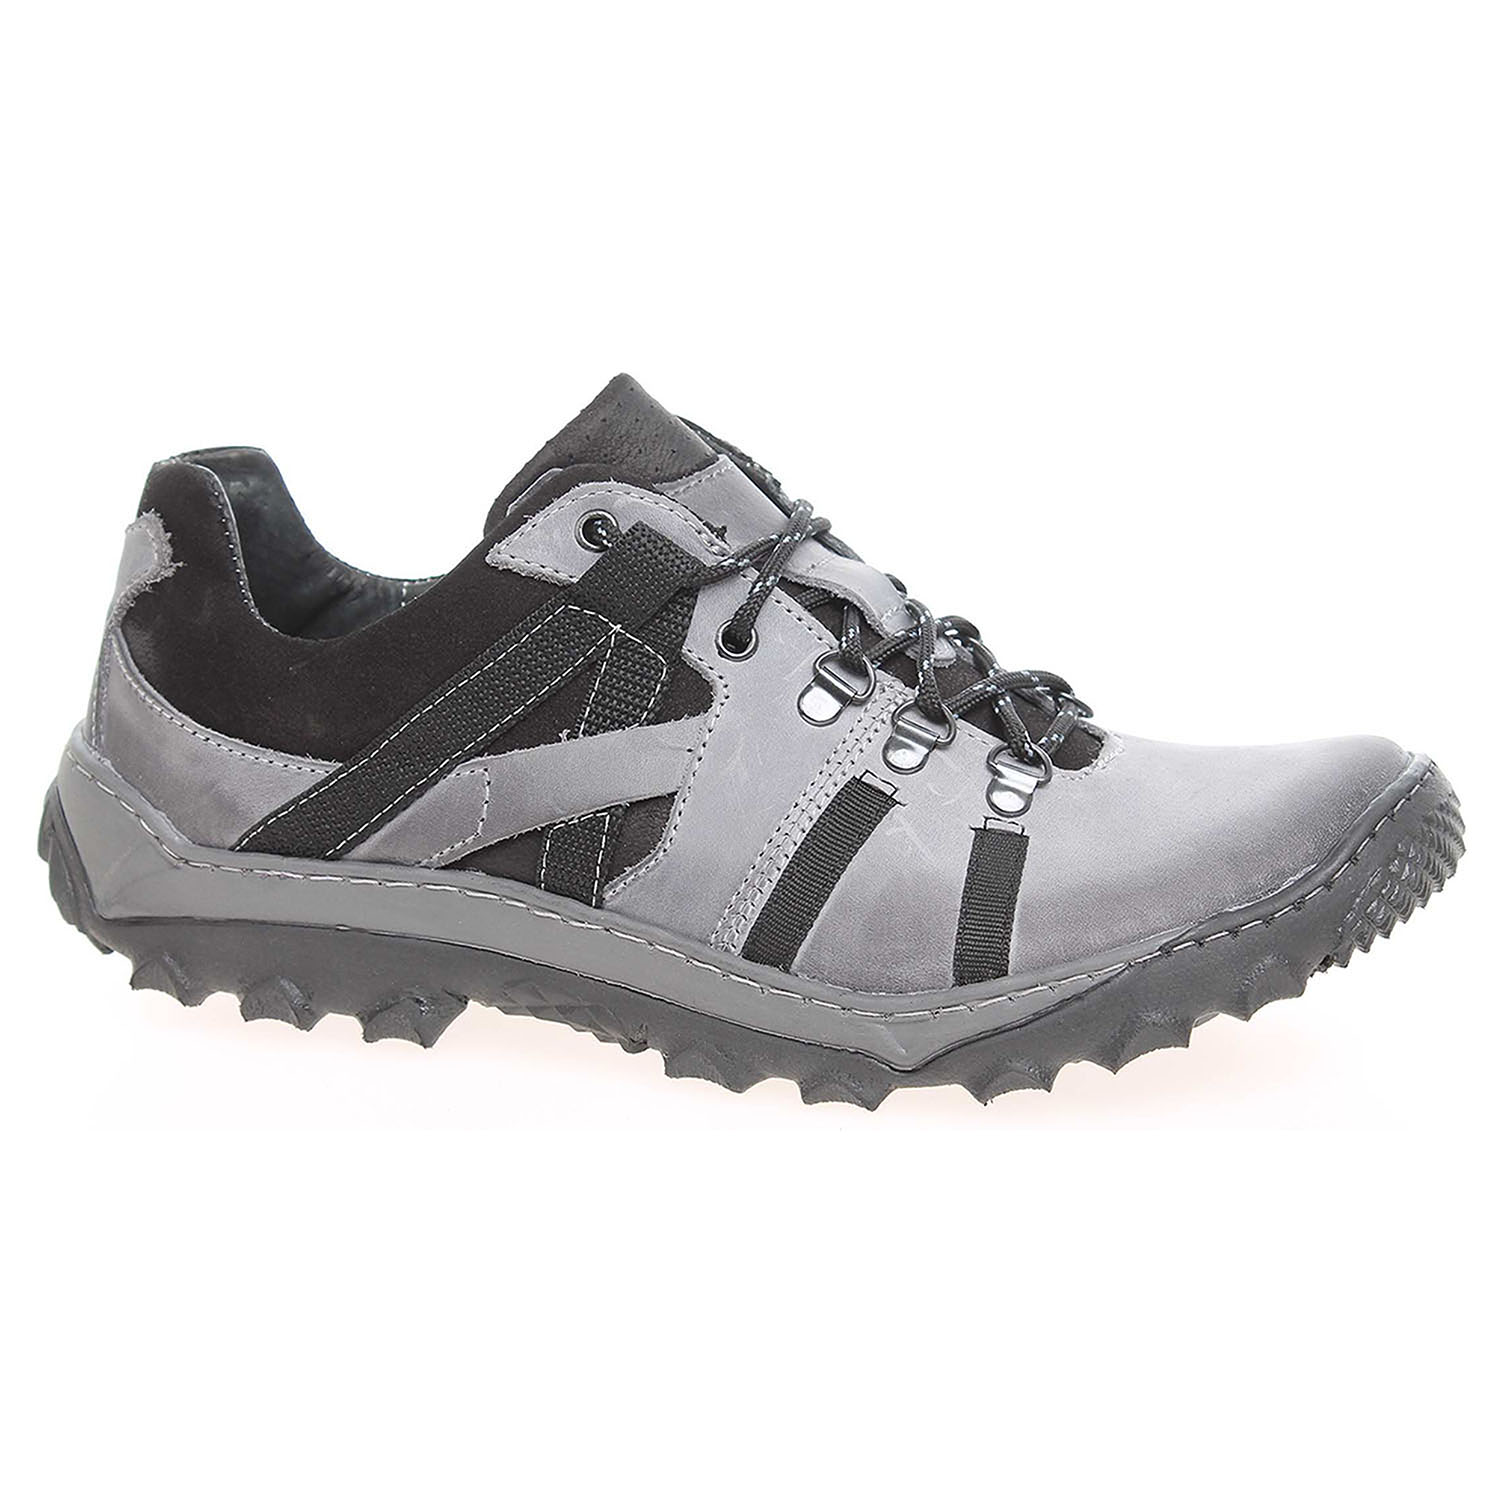 Ecco Pánská vycházková obuv KR151 šedá-černá 24000401